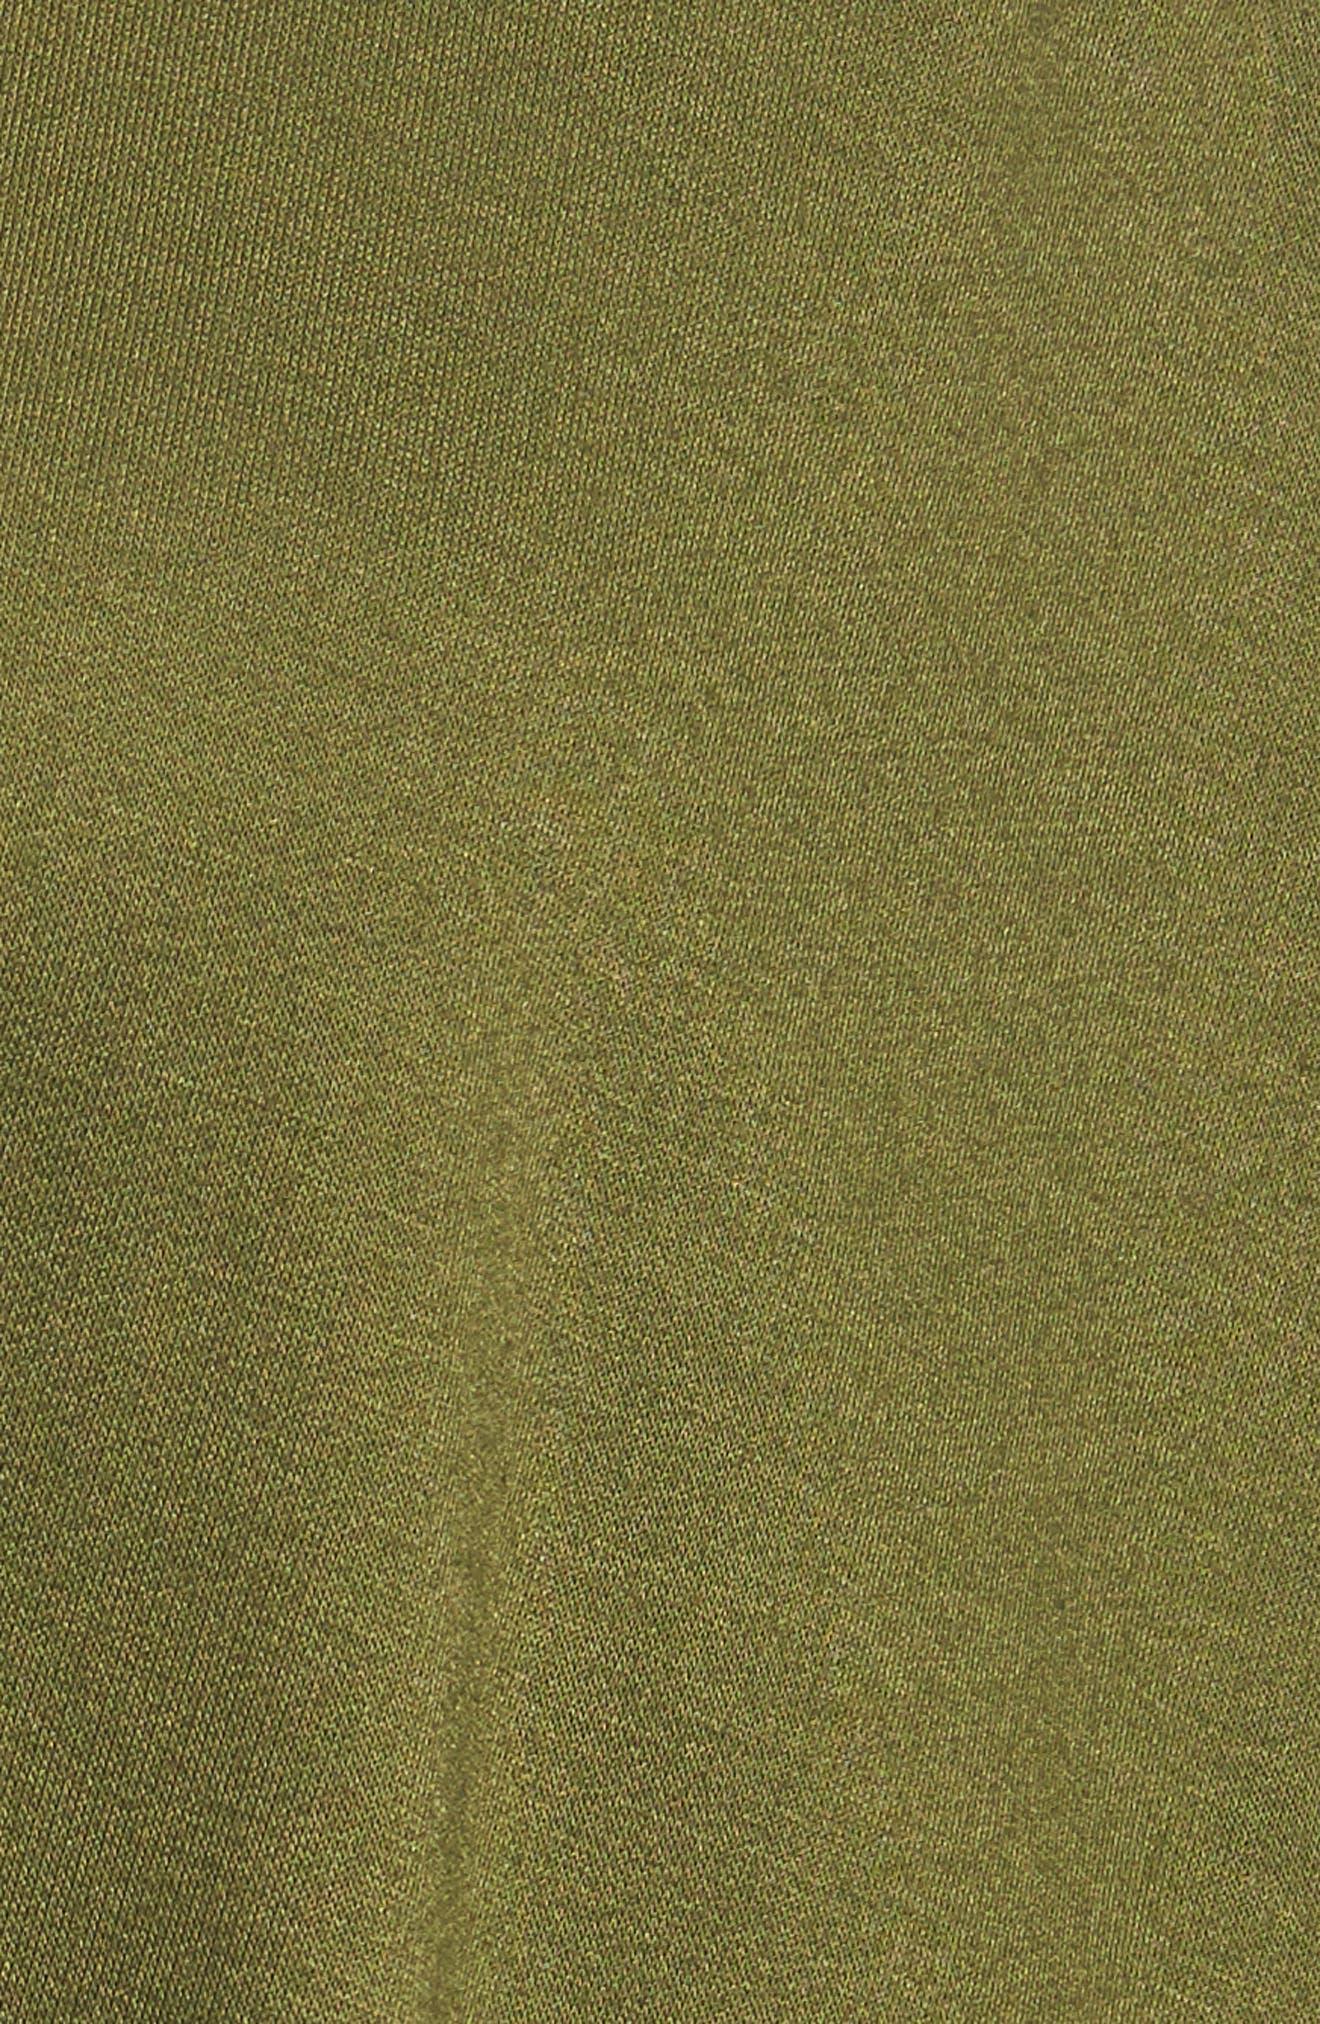 Alternate Image 5  - Caslon® Tie Front Sweatshirt (Regular & Petite)